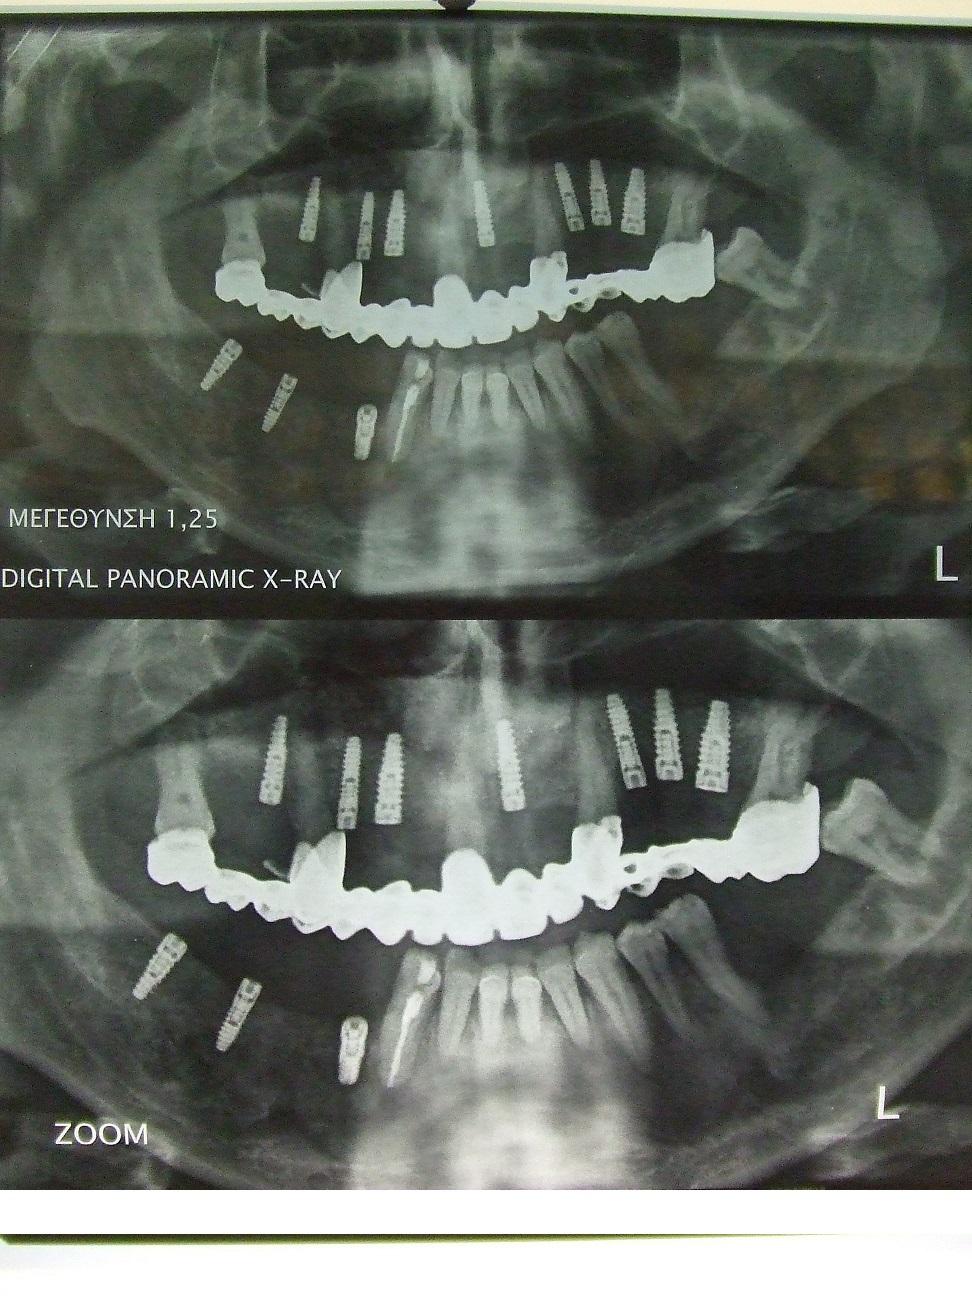 Implants Xray